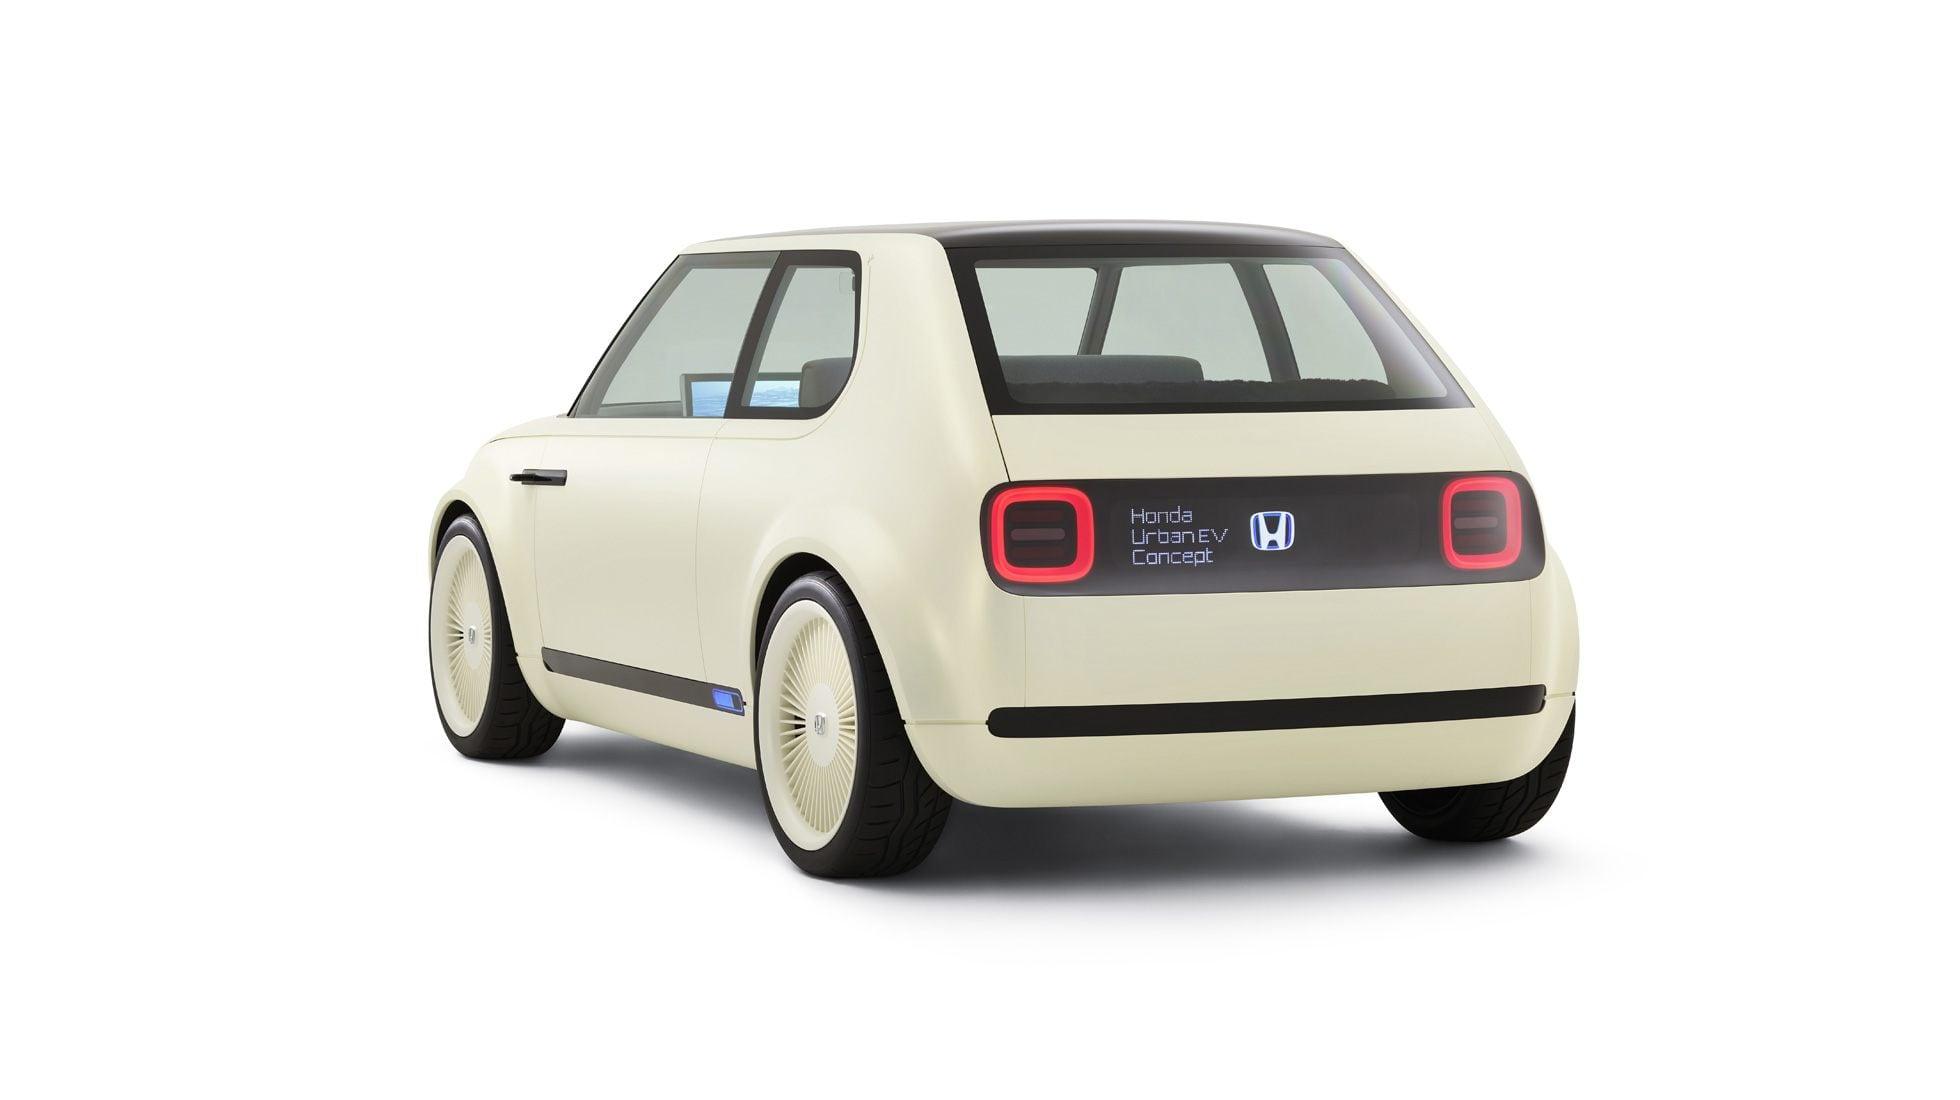 Rear of the Honda Urban EV Concept